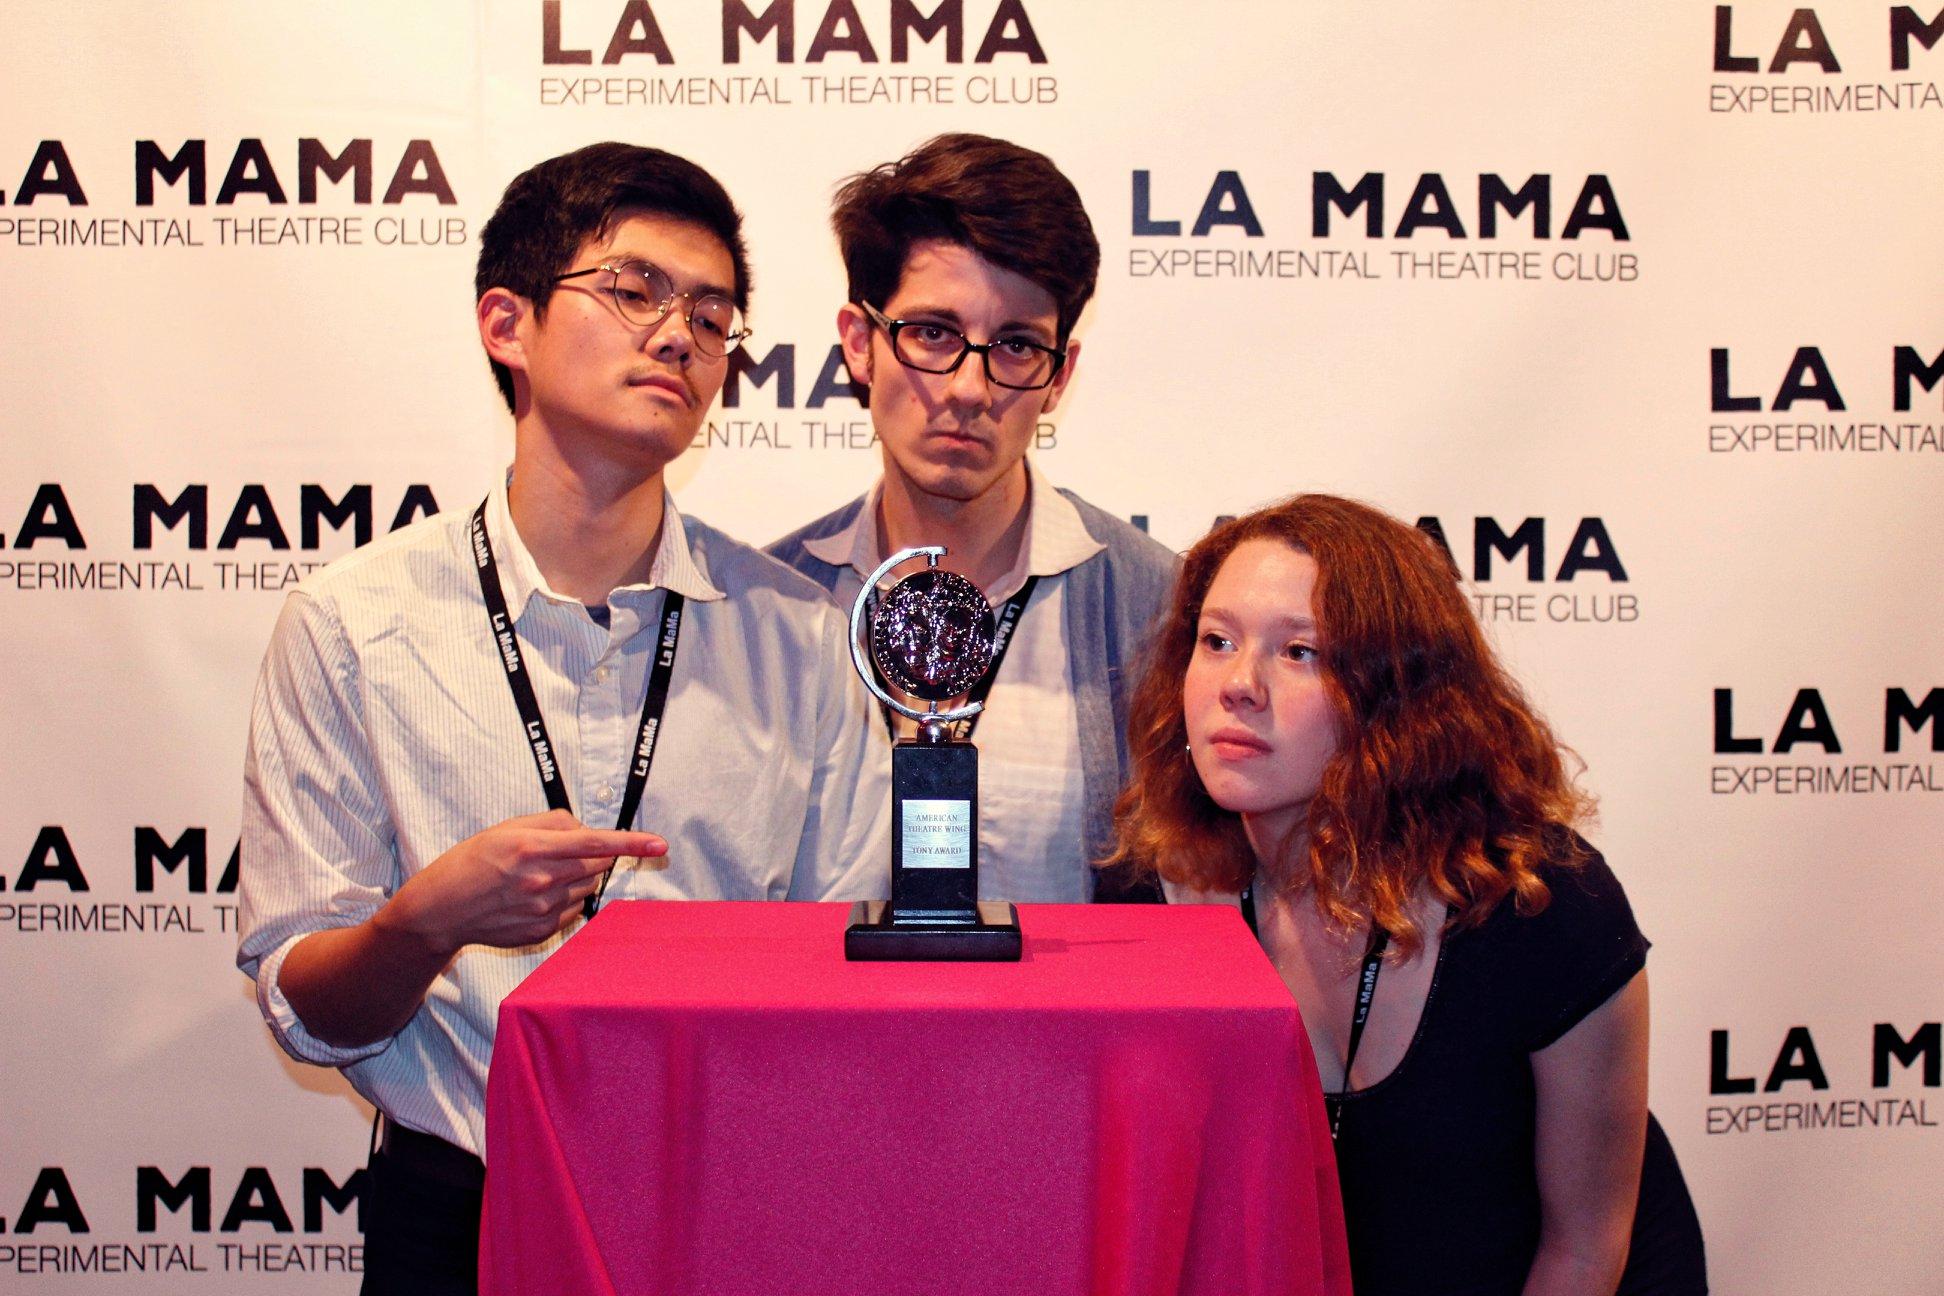 Trinity La MaMa students posing in a group with a Tony Award